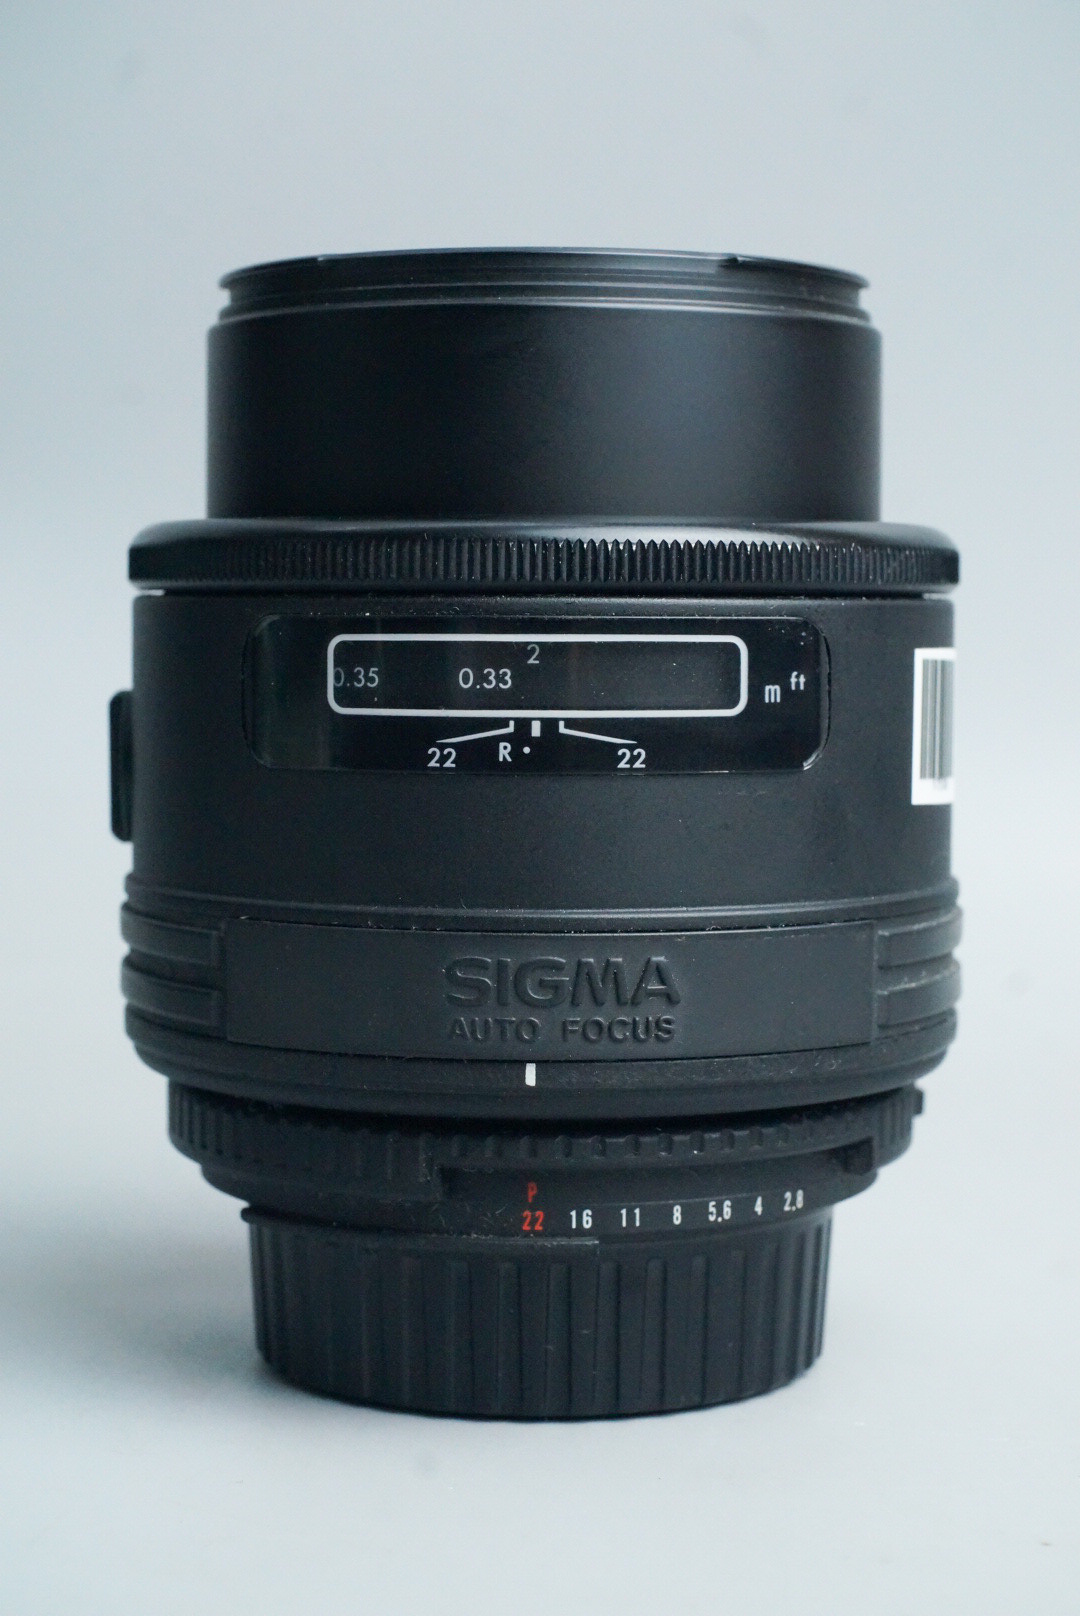 sigma-af-90mm-f2-8-macro-1-2-90-2-8-for-nikon-17550